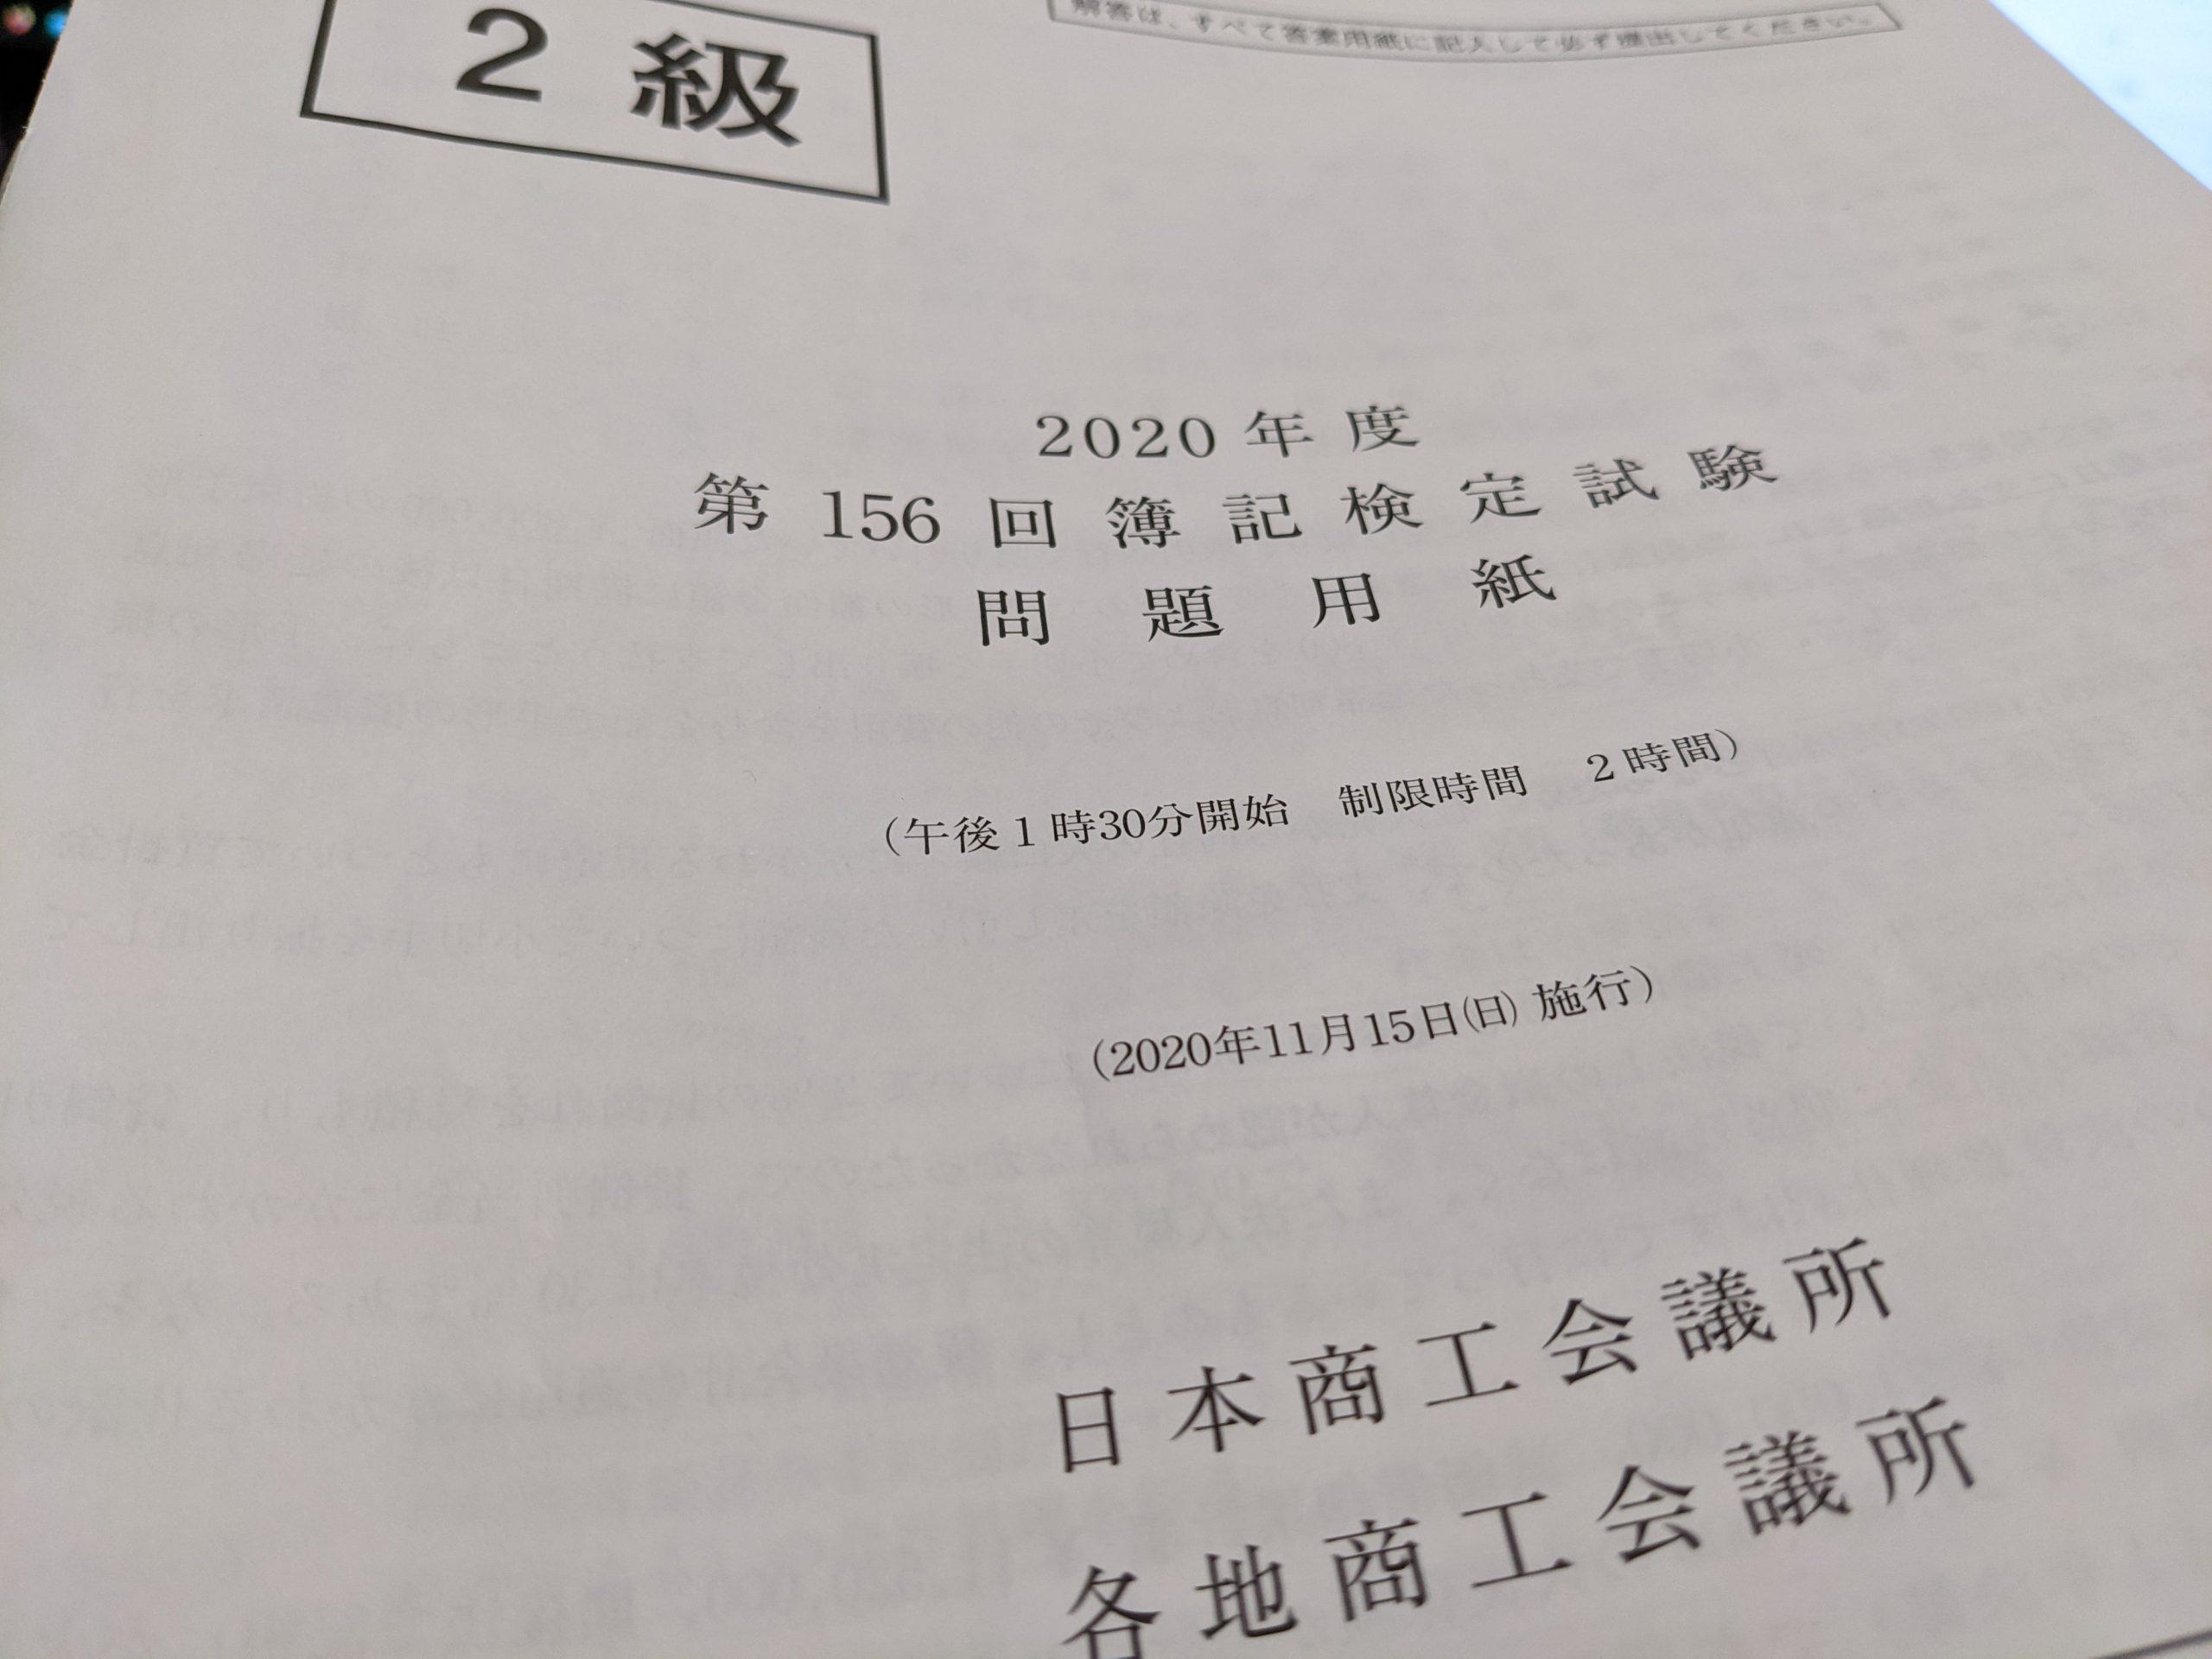 回 156 2 日 商 簿記 級